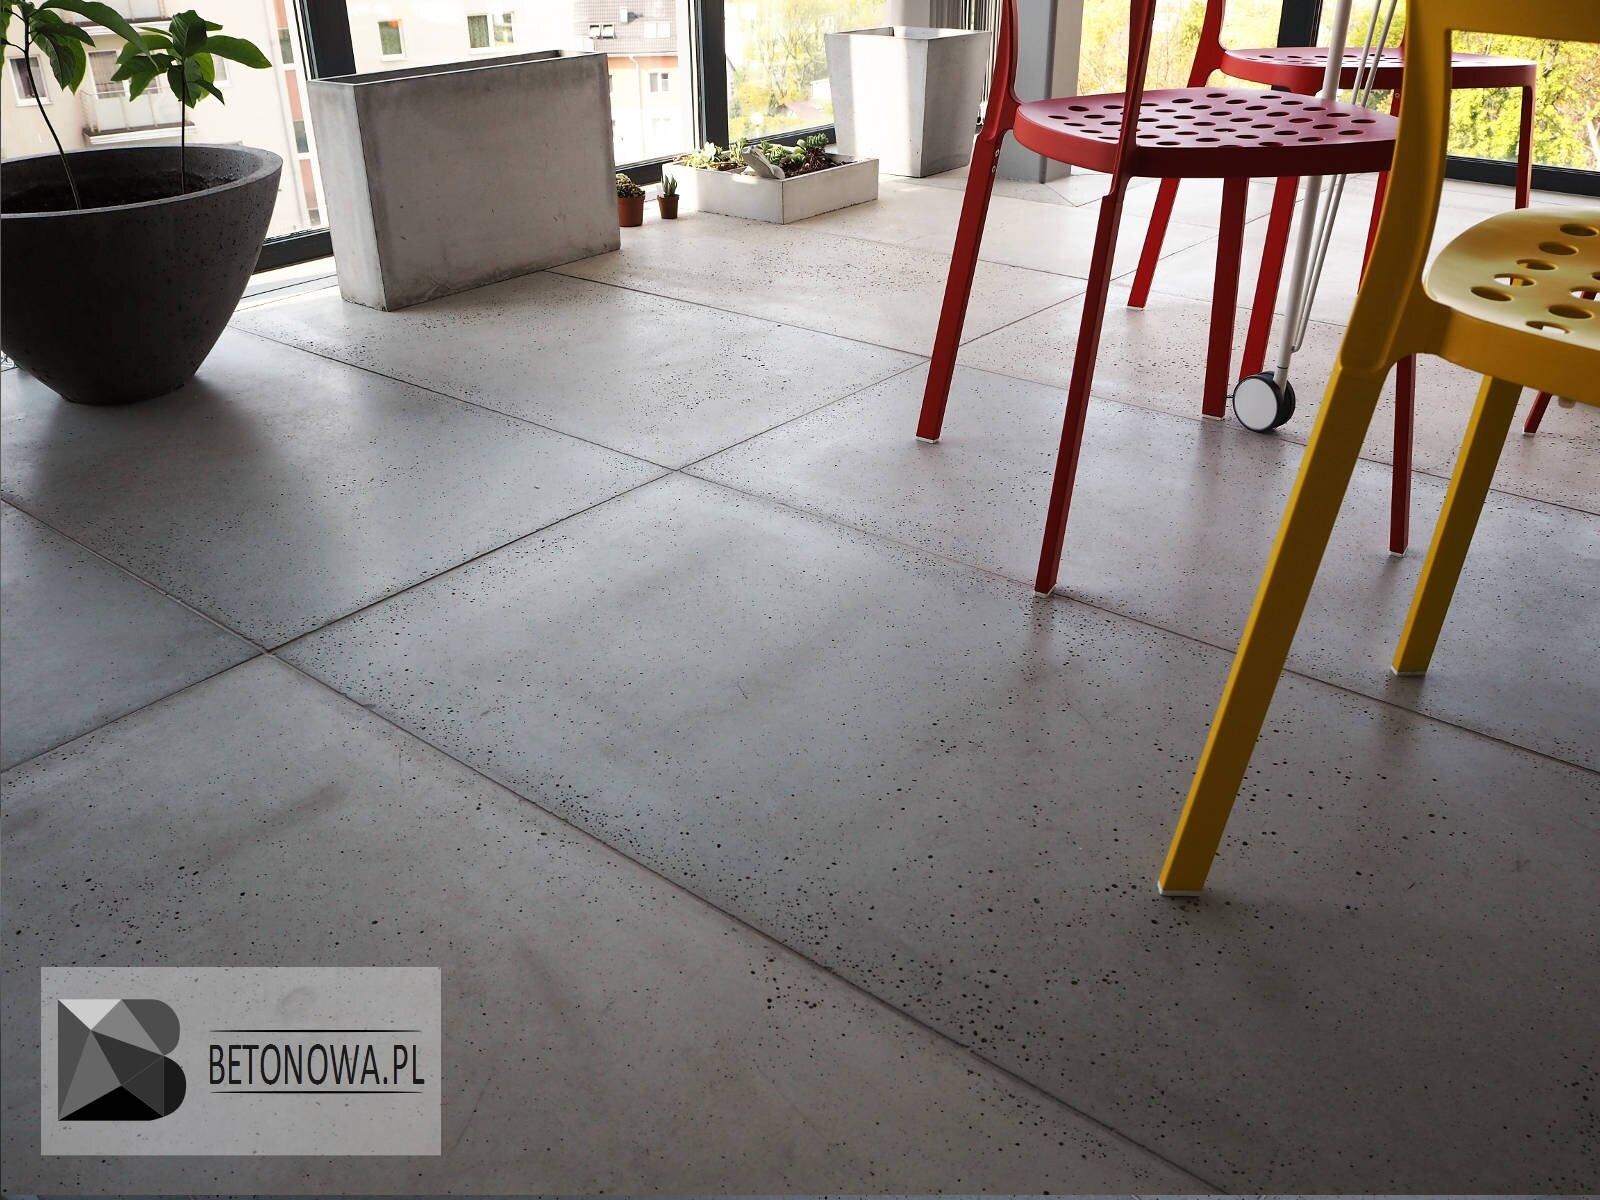 Nietypowy Okaz Beton na podłogę, schody, blaty lub parapety | Betonowa.pl TP42